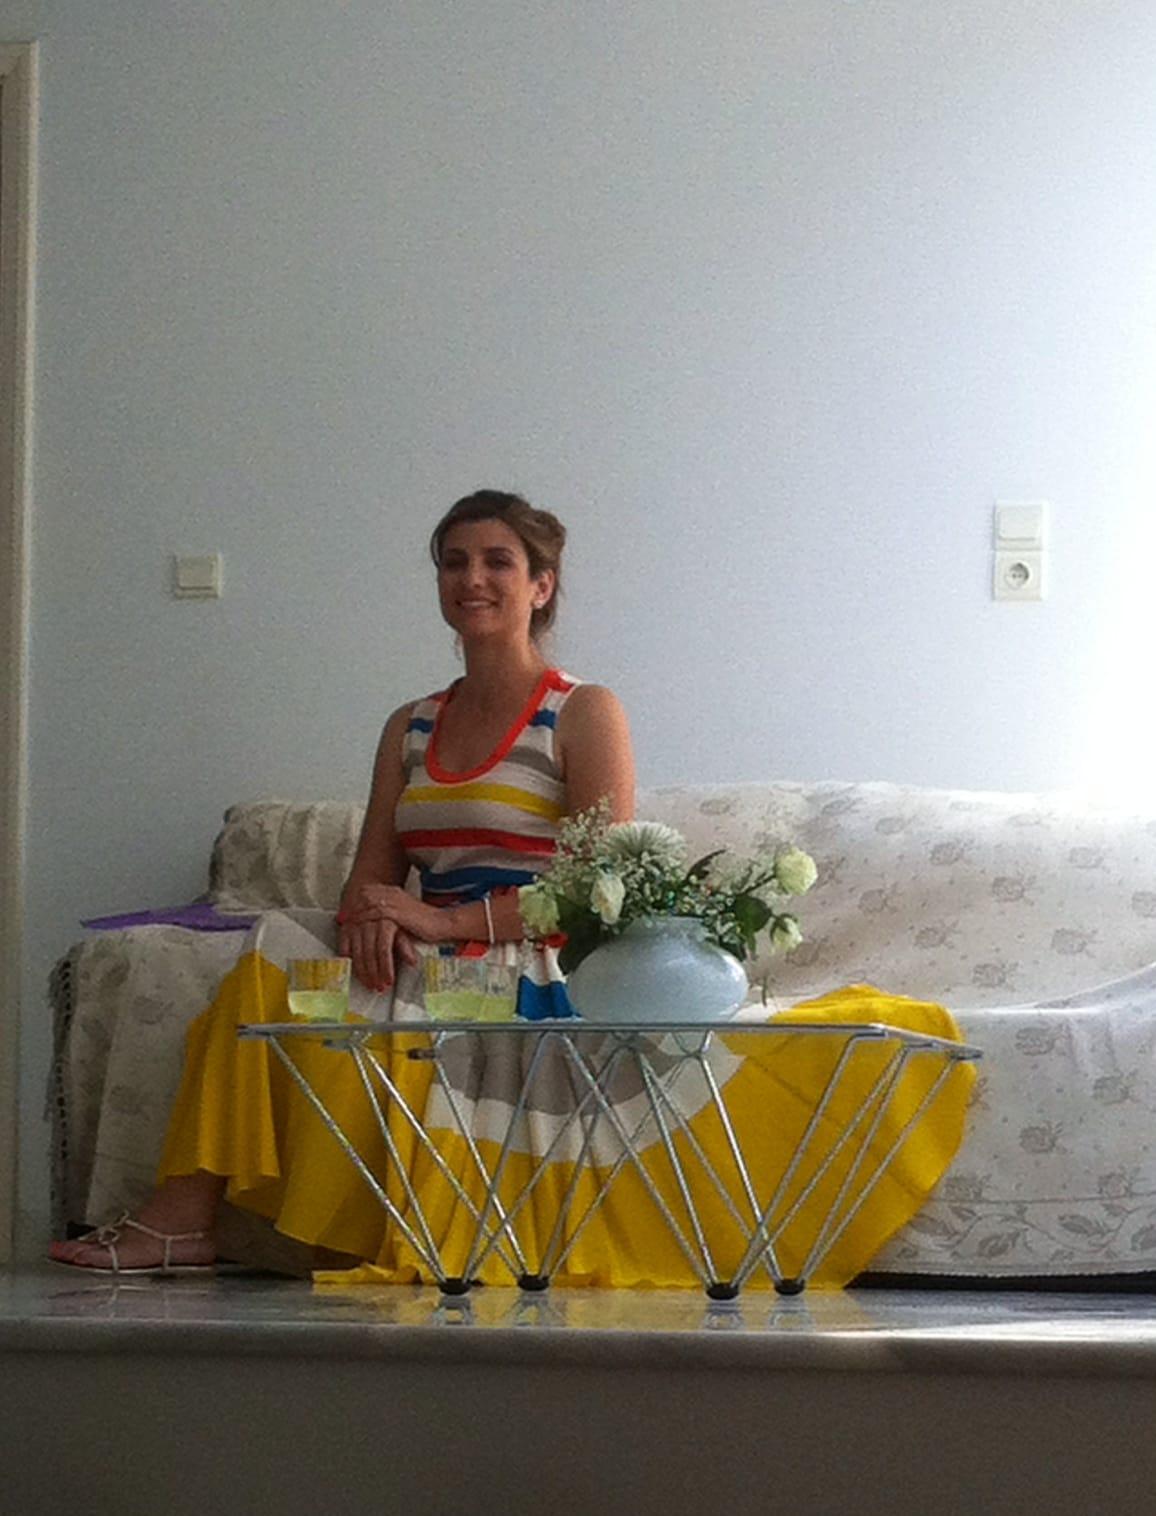 Elina from Chania